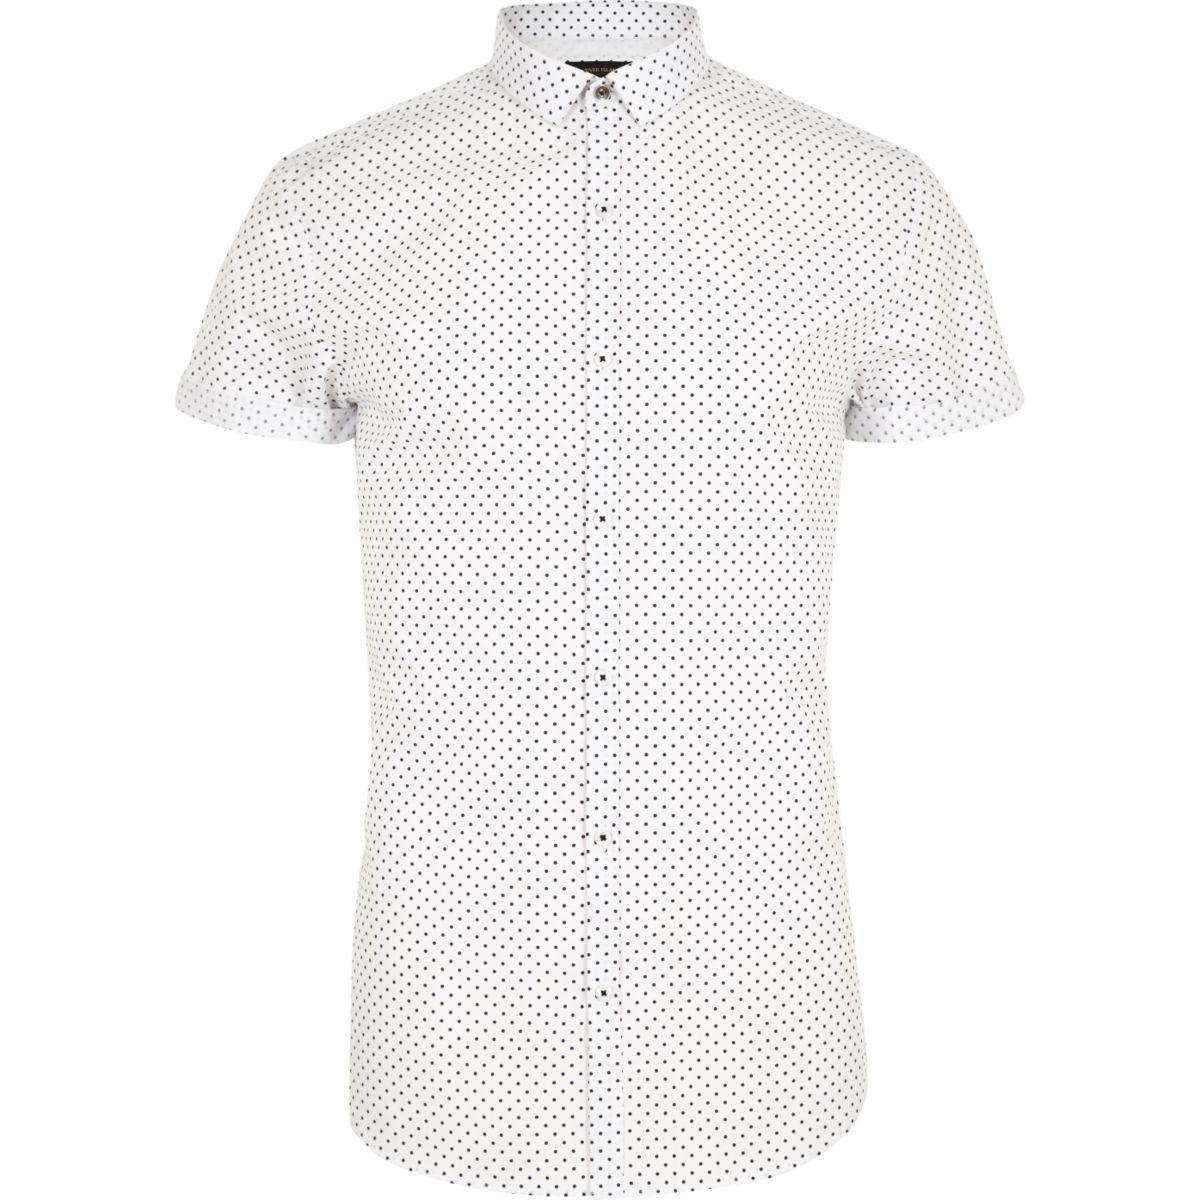 White polka dot short sleeve slim fit shirt